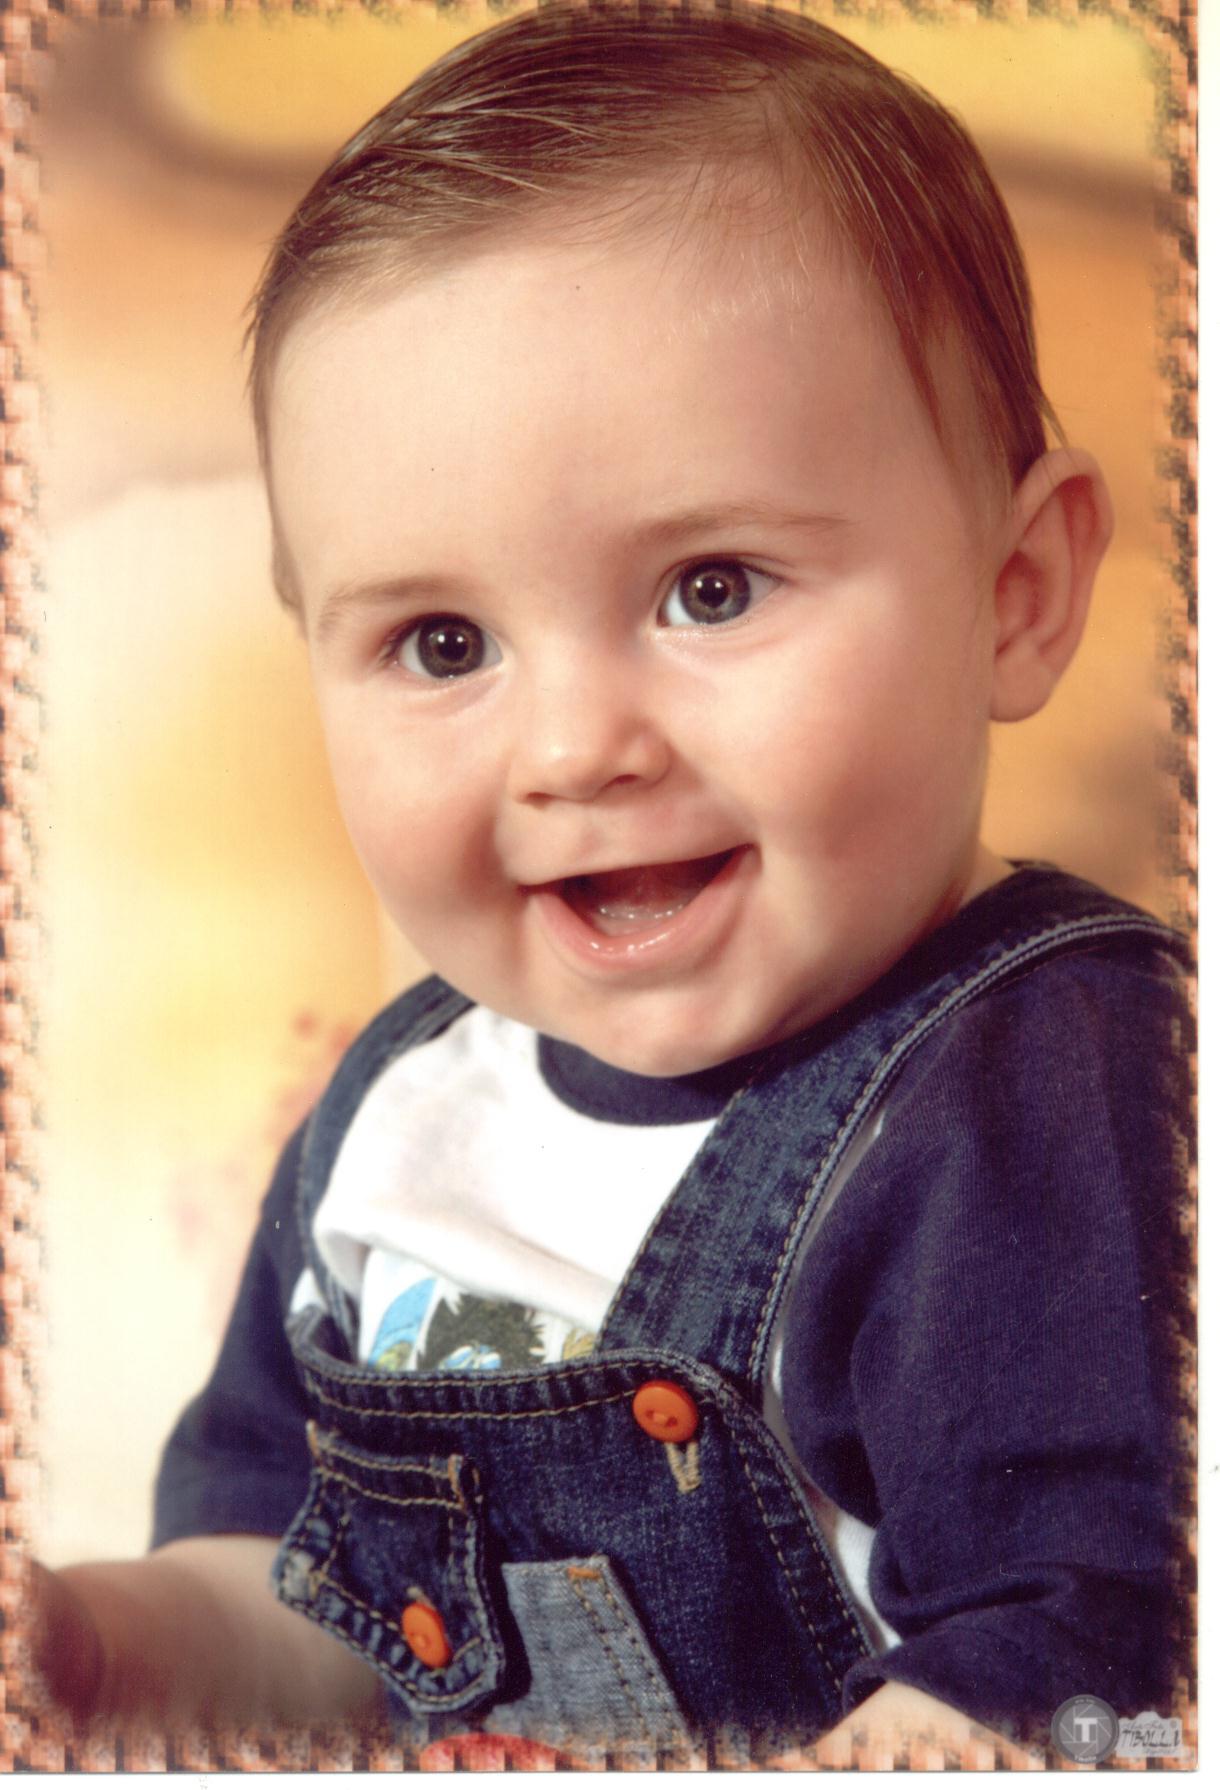 RODRIGO Mariotti (*09/01/2006), trineto, neto de Verônica Dametto Mariotti, filho de Sidinei Mariotti e Tânia Berlatho Mariotti.